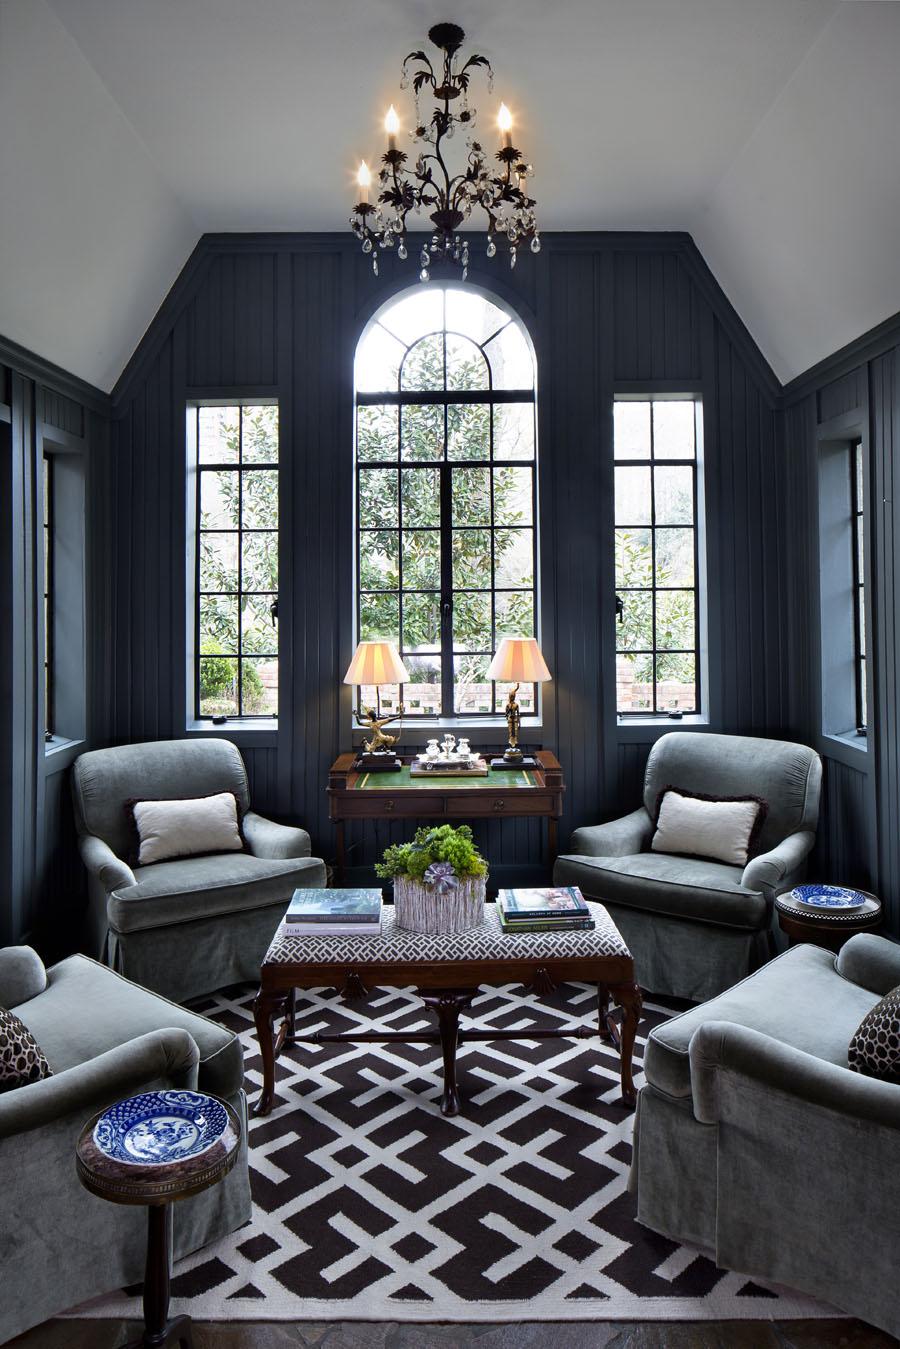 Jane goetz interior design